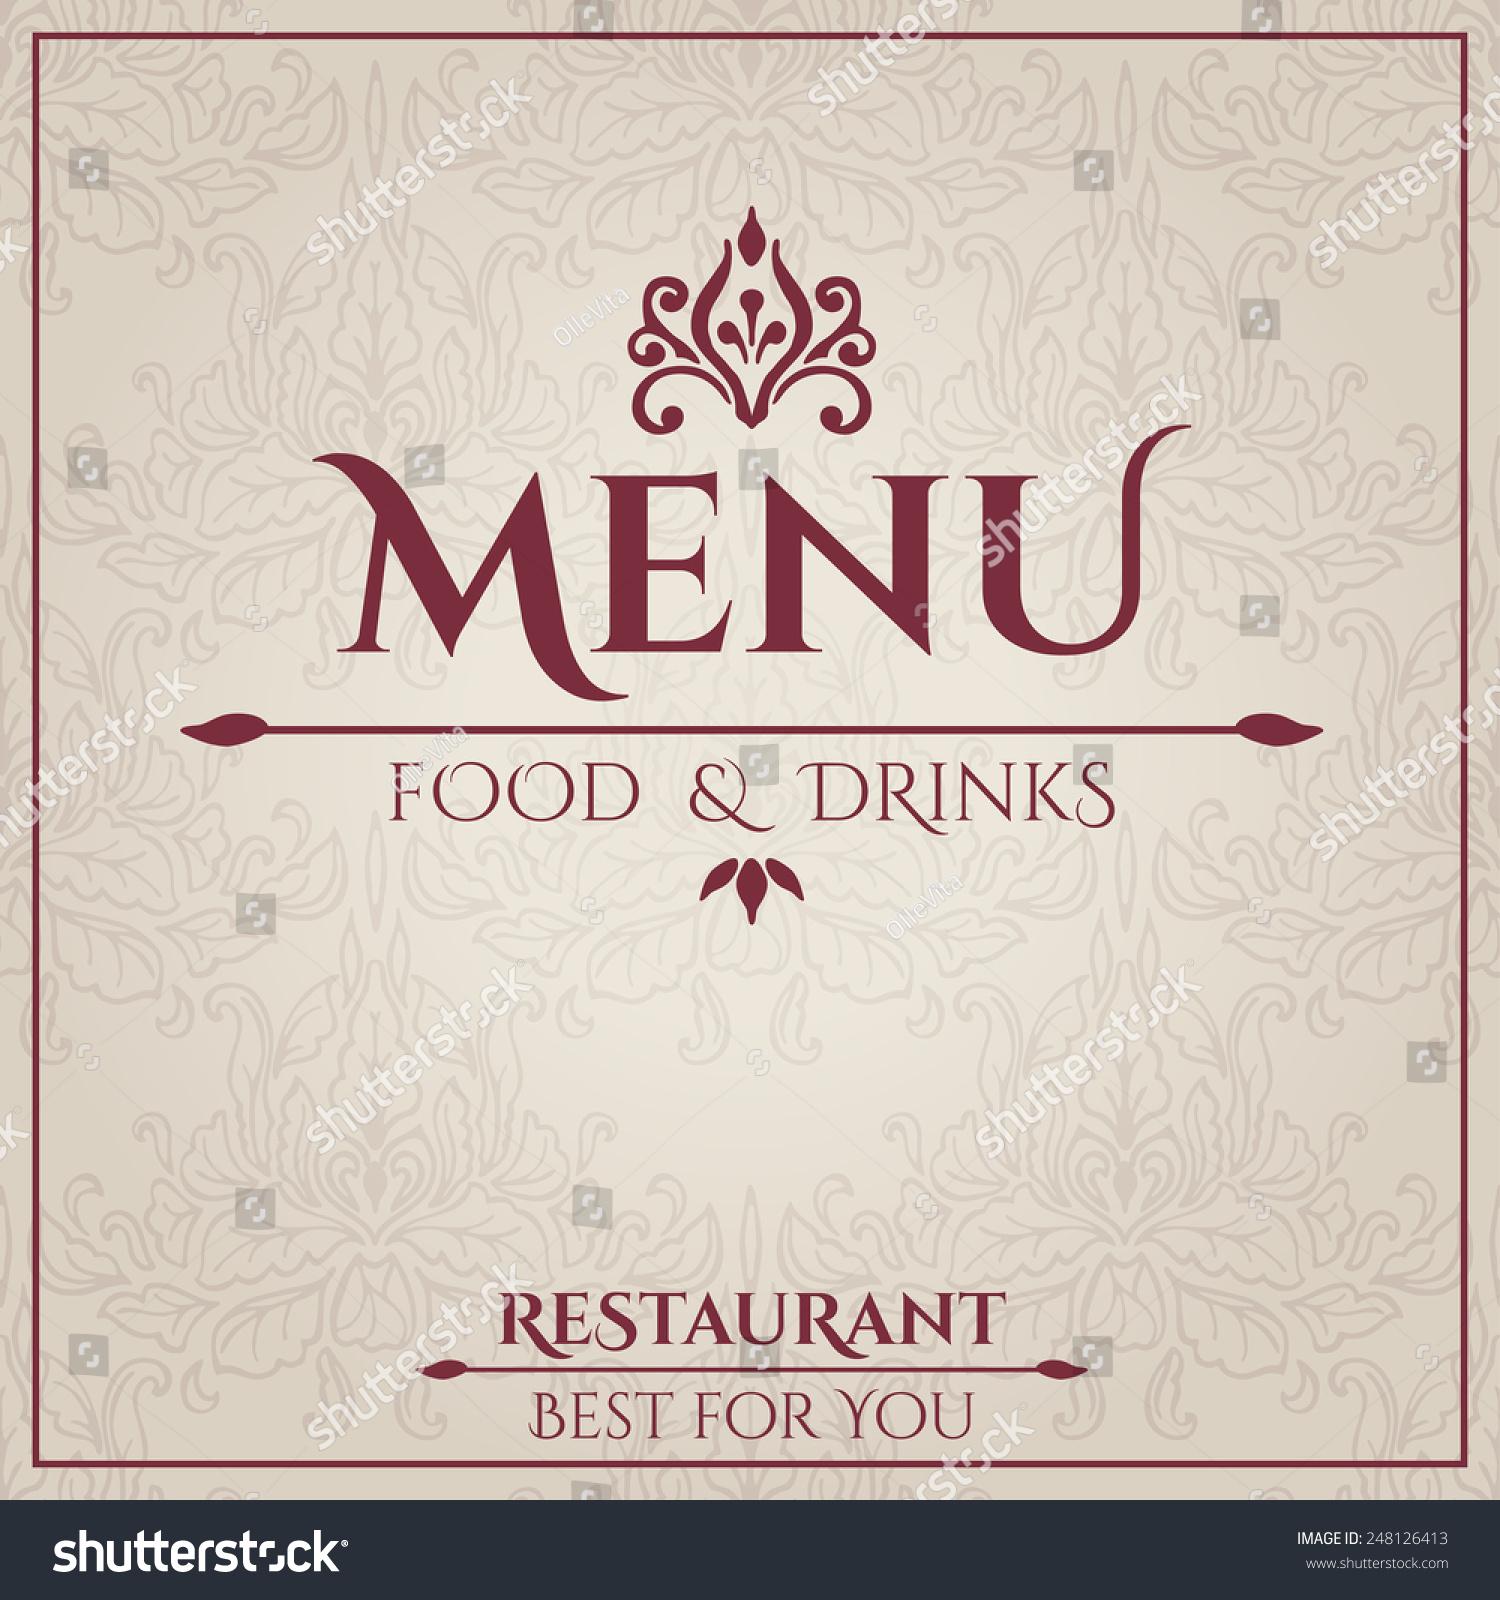 Vector De Stock Libre De Regalias Sobre Elegant Restaurant Menu Design Vector Illustration248126413